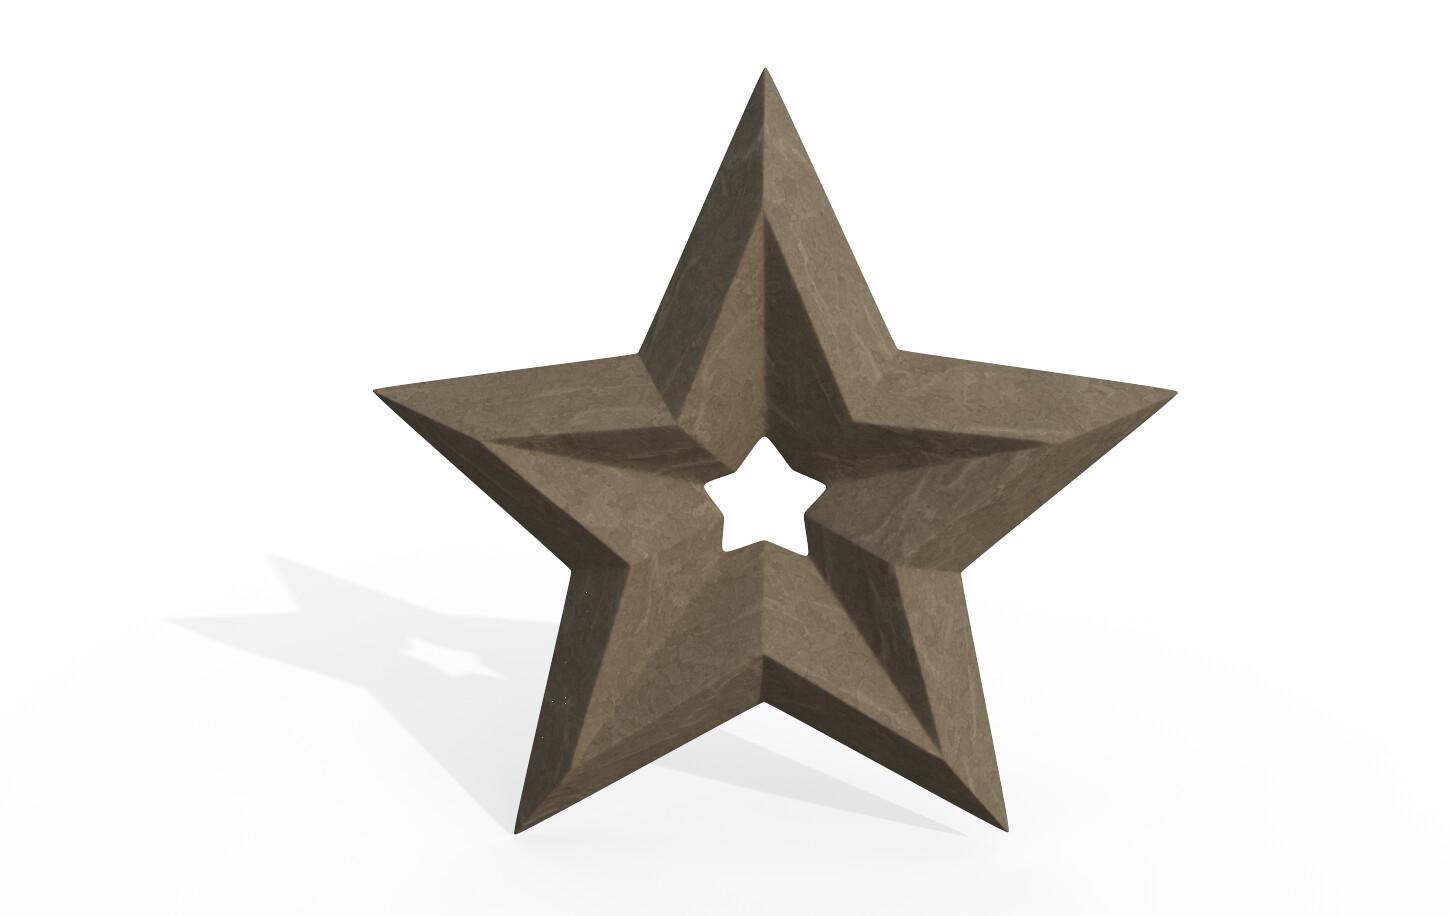 Joseph moniz star001f